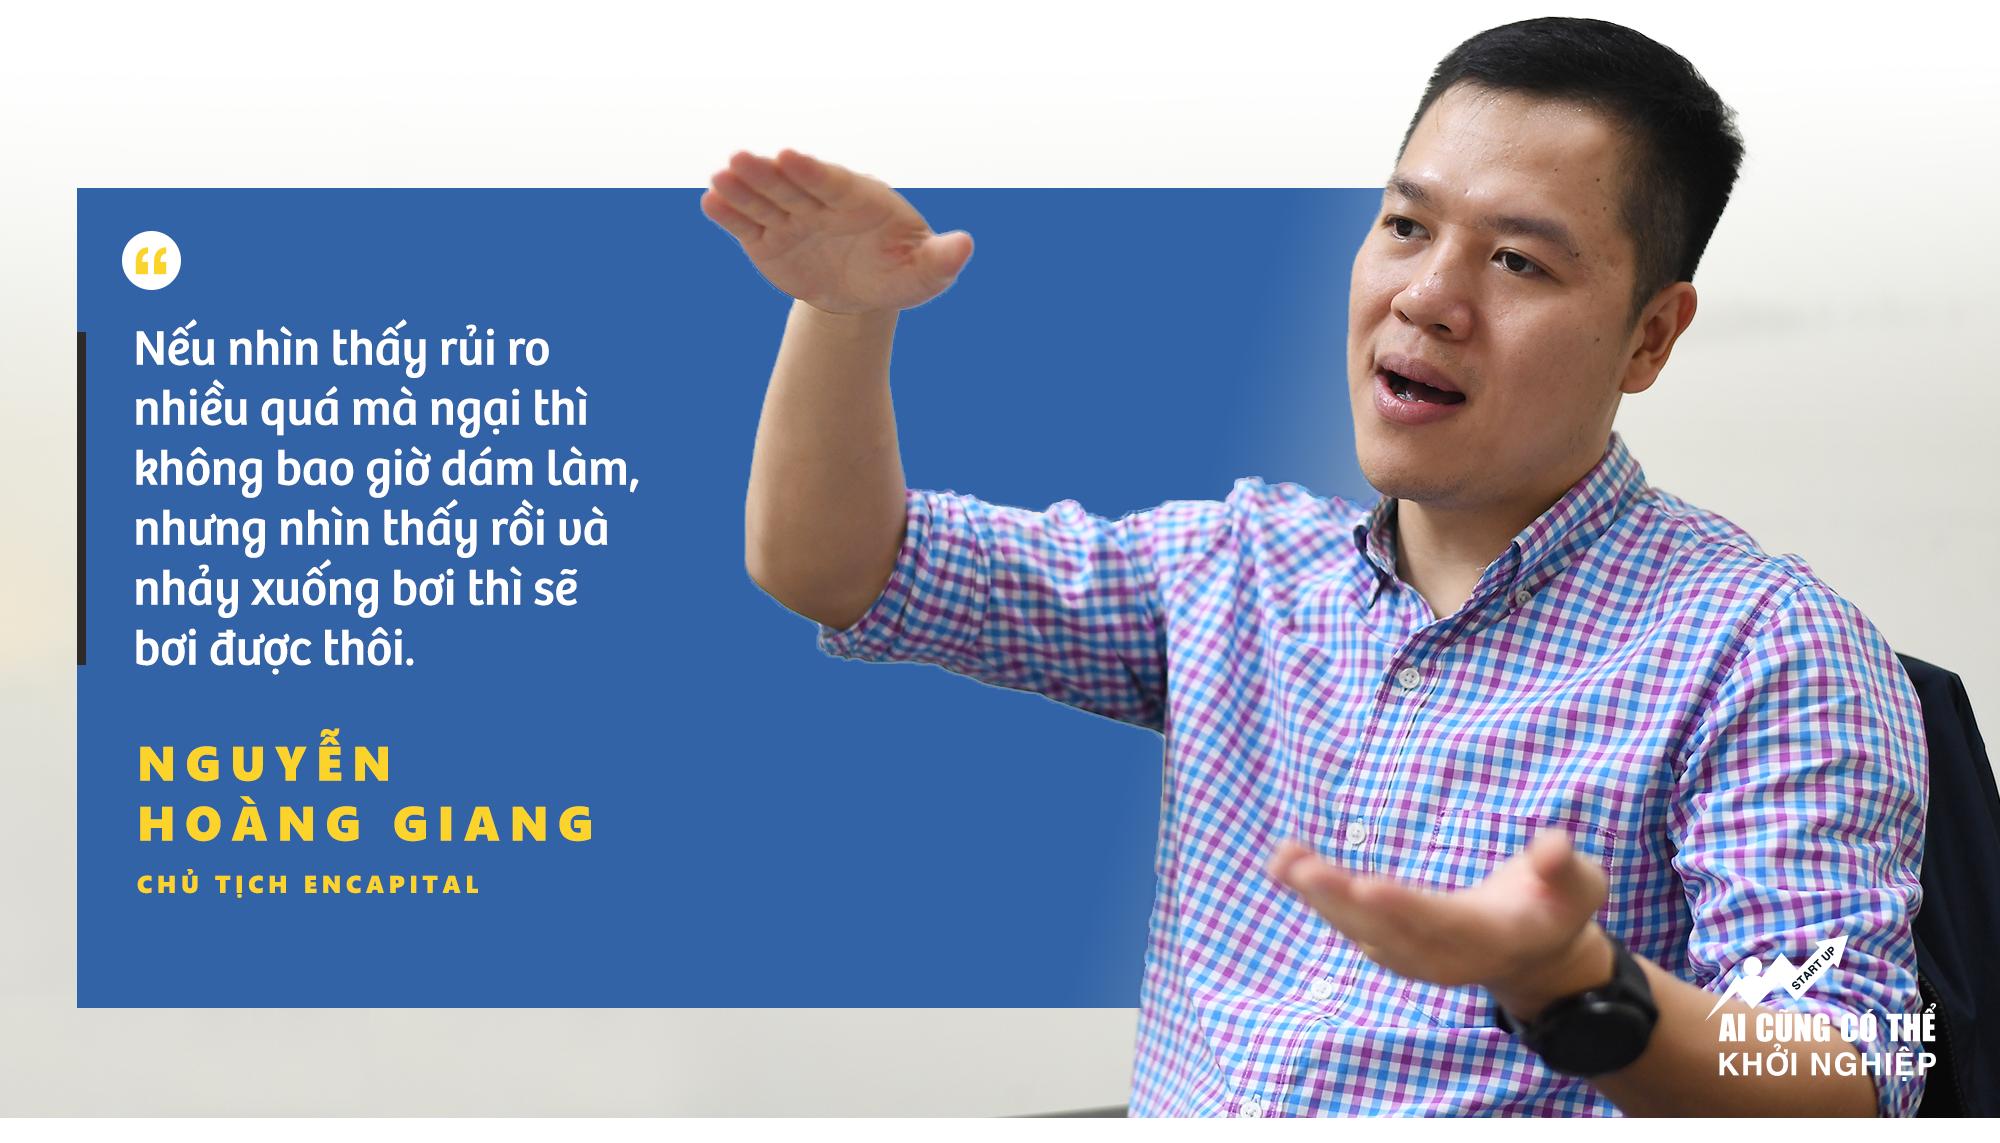 """Từ CEO chứng khoán trẻ nhất Việt Nam đến cú sốc khi làm lại từ số 0: """"Thị trường này quá rộng và cuộc chơi mới chỉ bắt đầu"""" - Ảnh 10."""